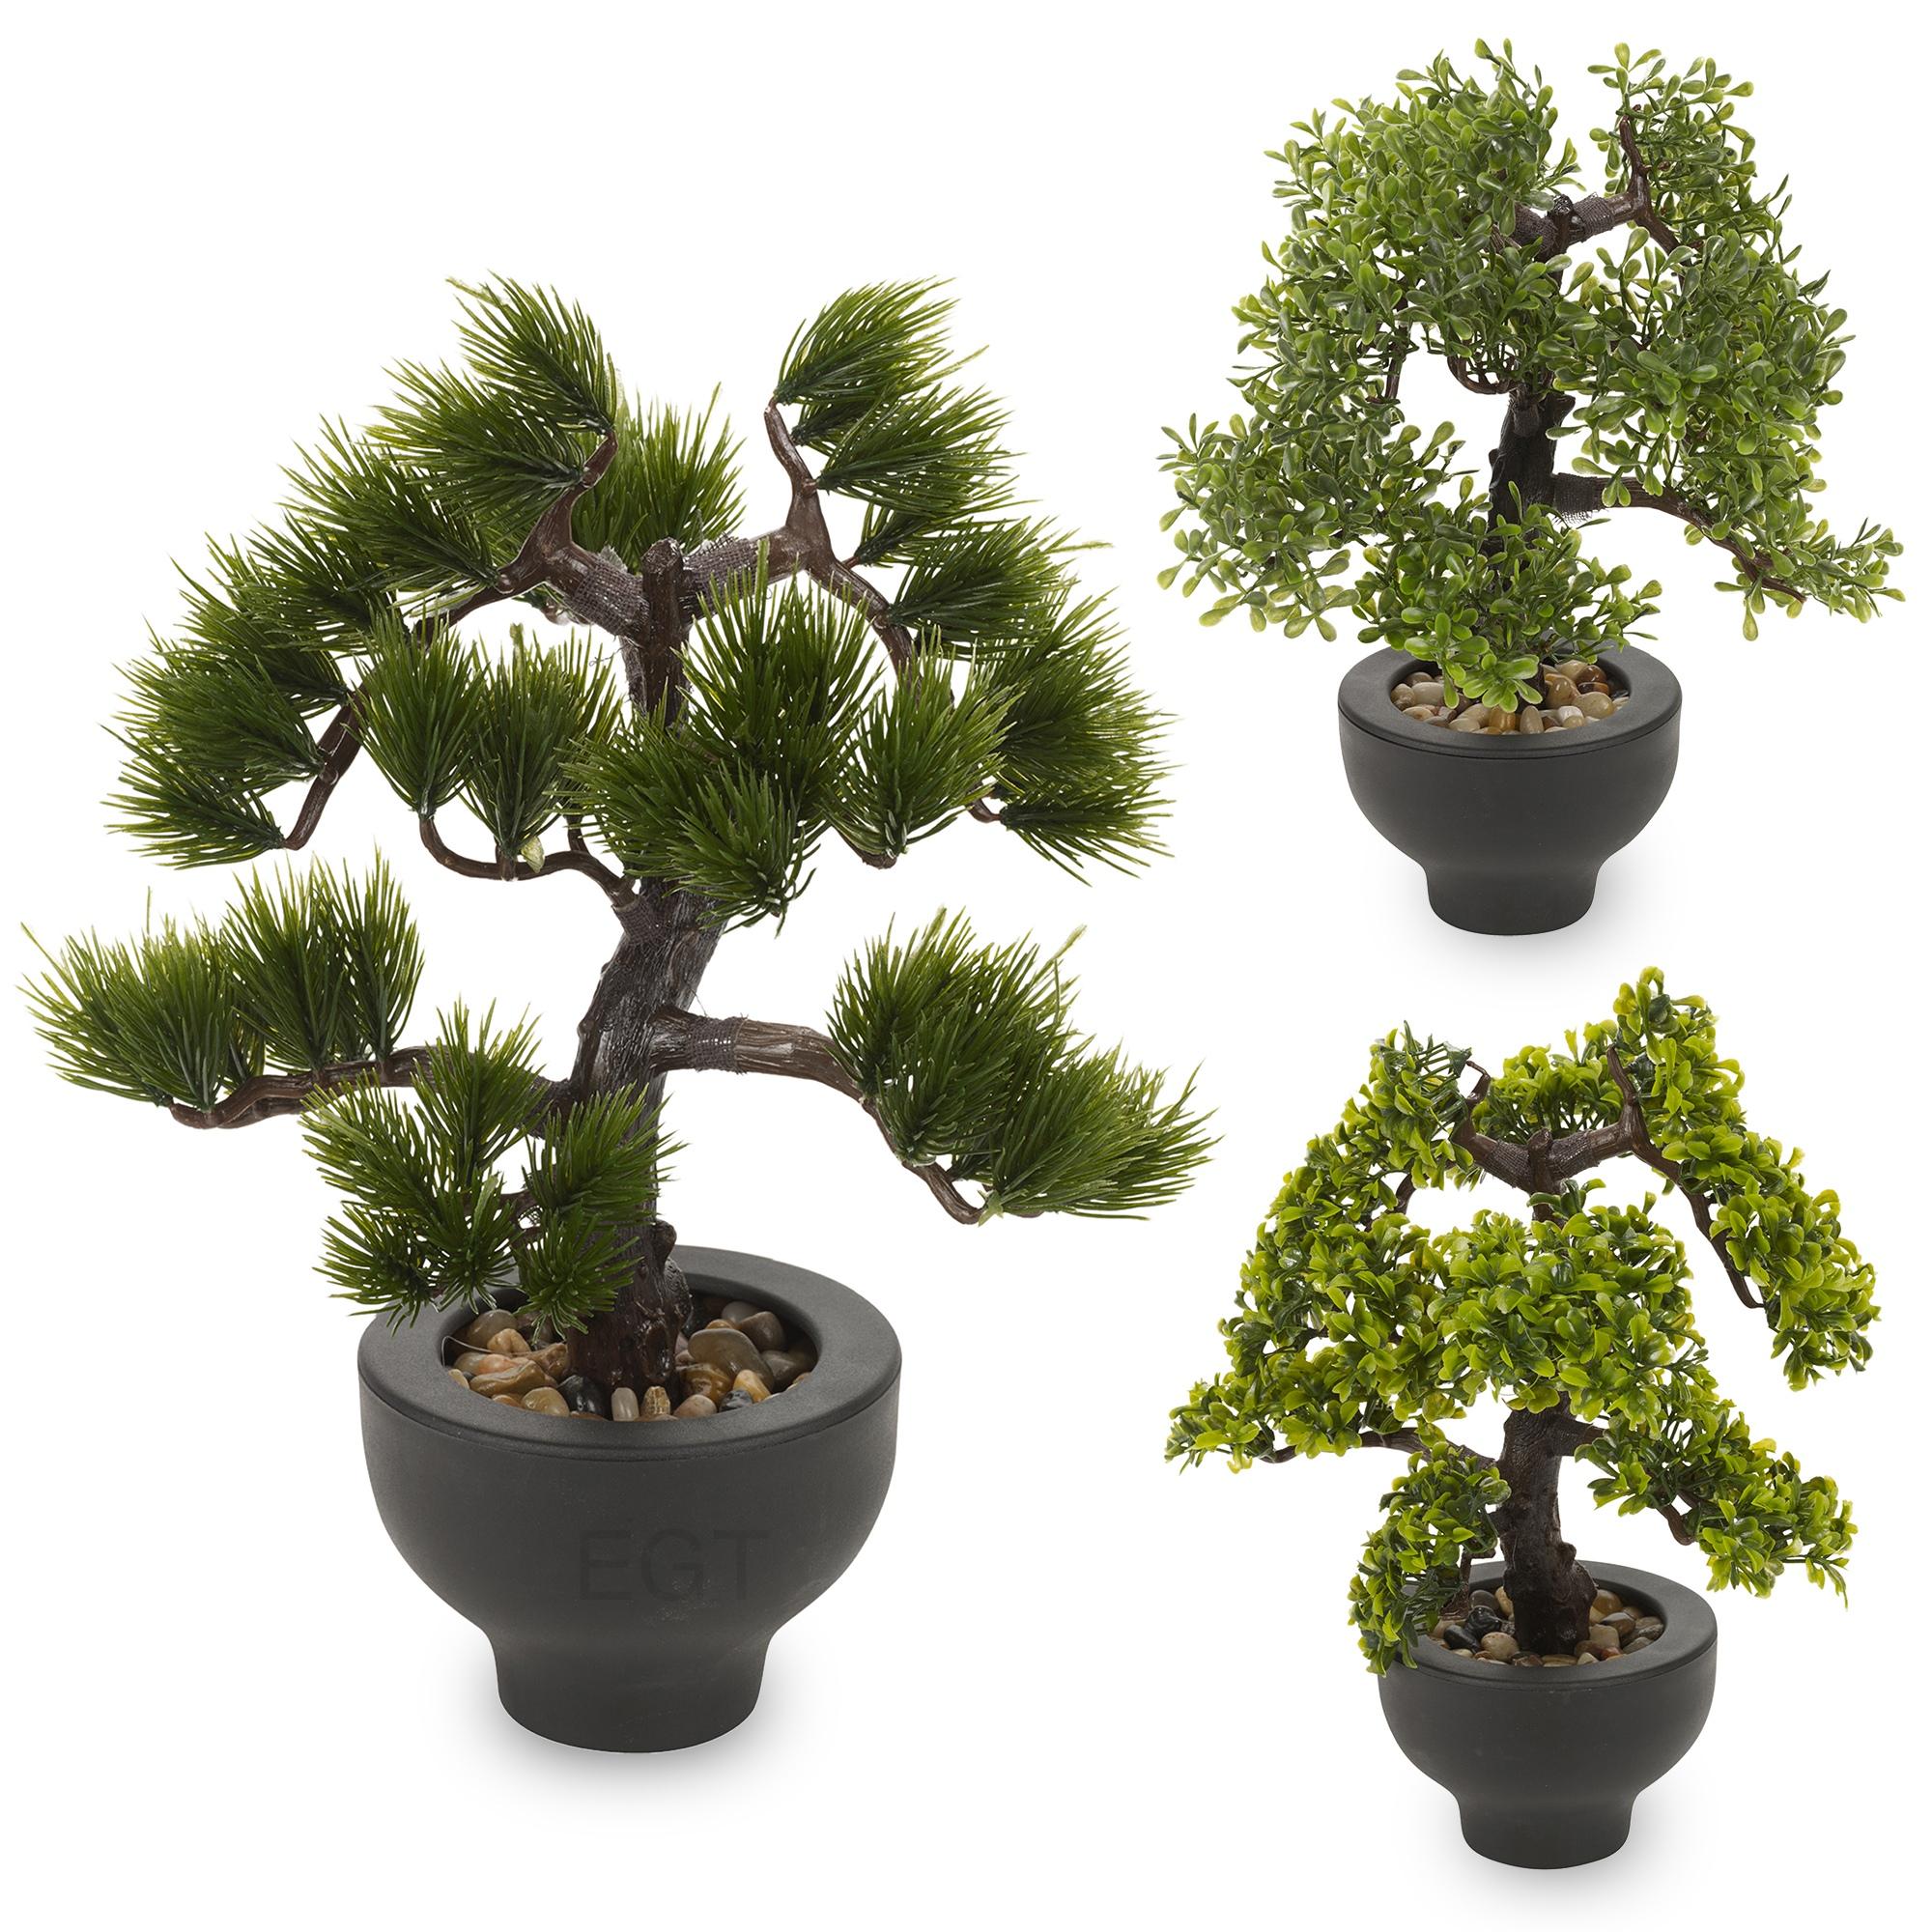 Artificial Office Desk 33cm Bonsai Tree Black Plant Pot